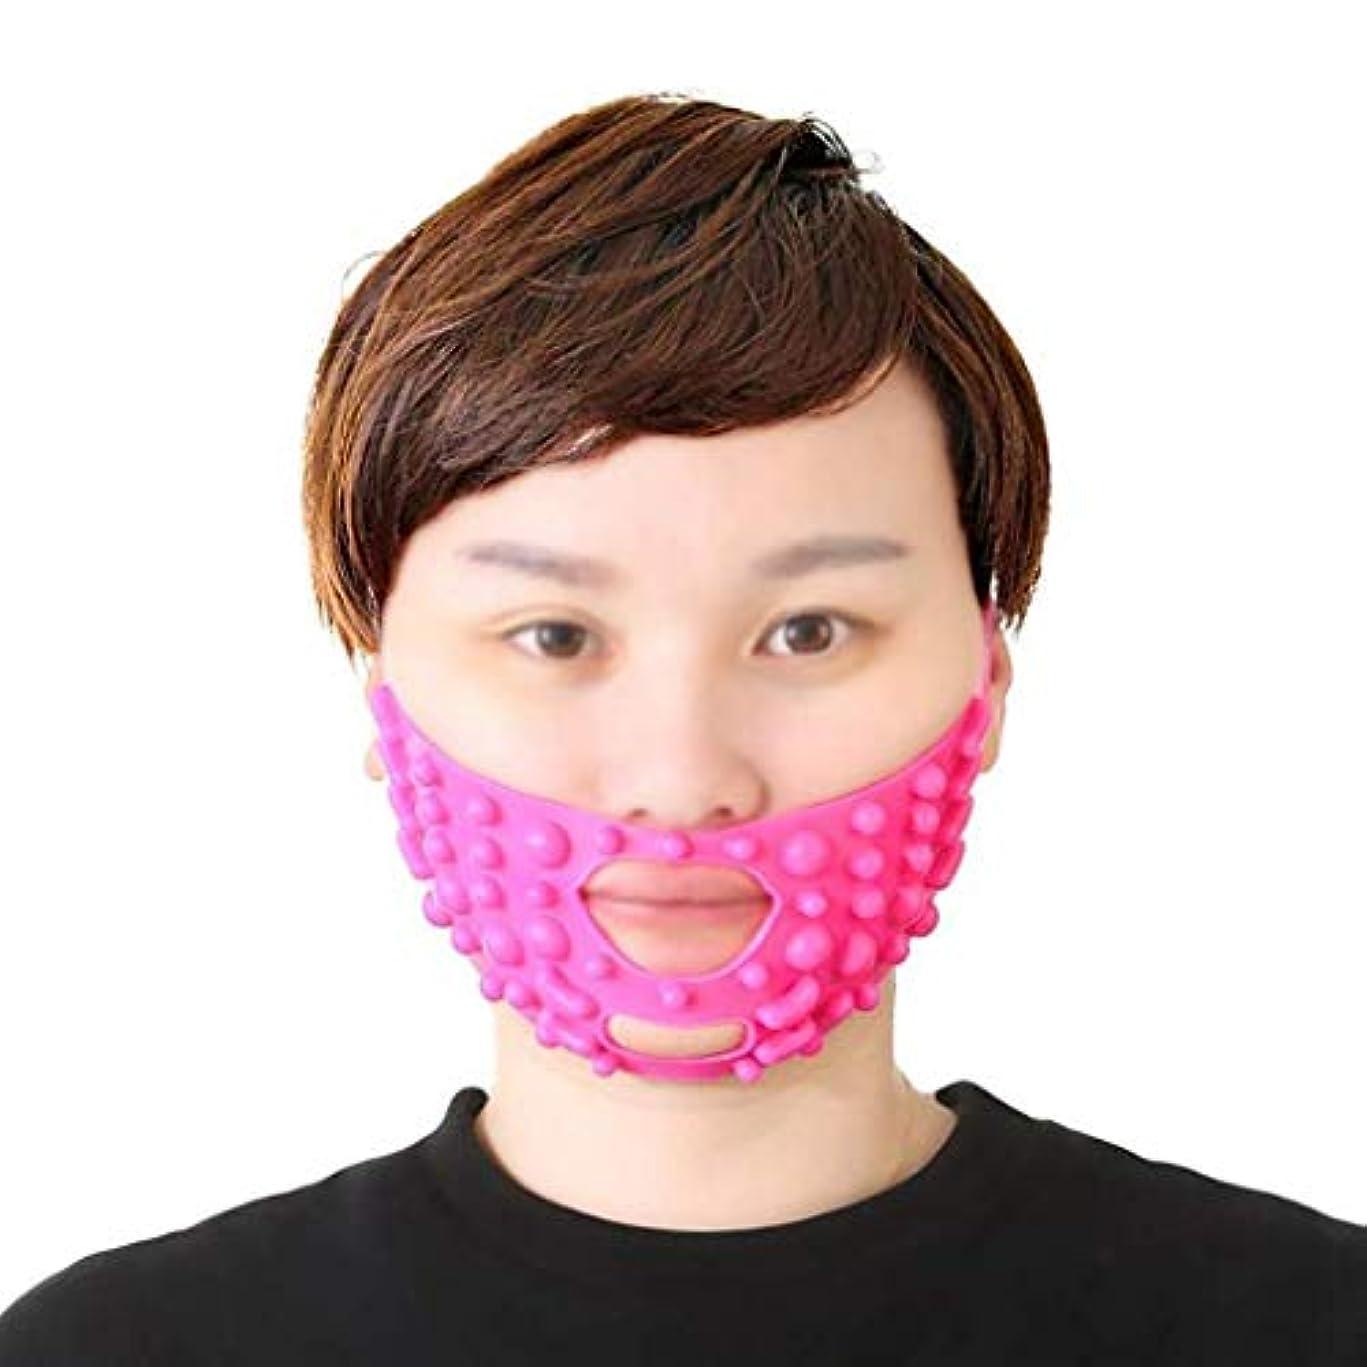 他に略語アルファベットフェイスリフトマスク、チンストラップシリコーンVフェイスマスクフェイスマスク強力な包帯V顔アーティファクトスモールV顔包帯顔と首リフトピンクシリコーン包帯